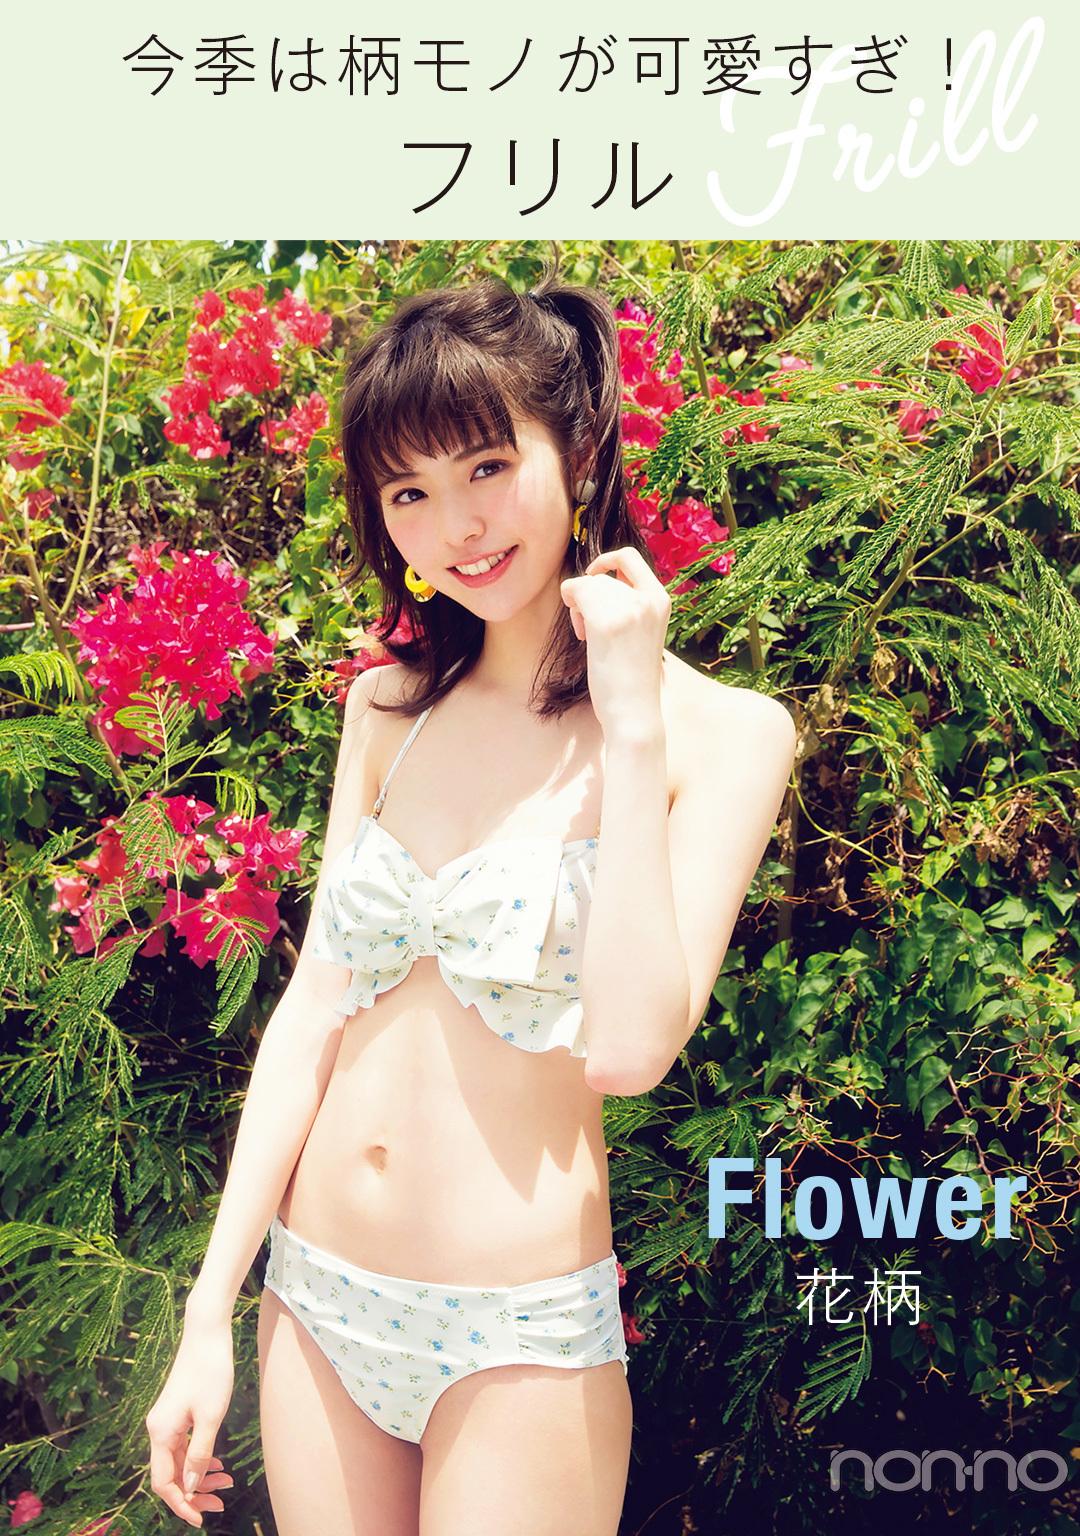 今季は柄モノが可愛すぎ!フリル Flower 花柄